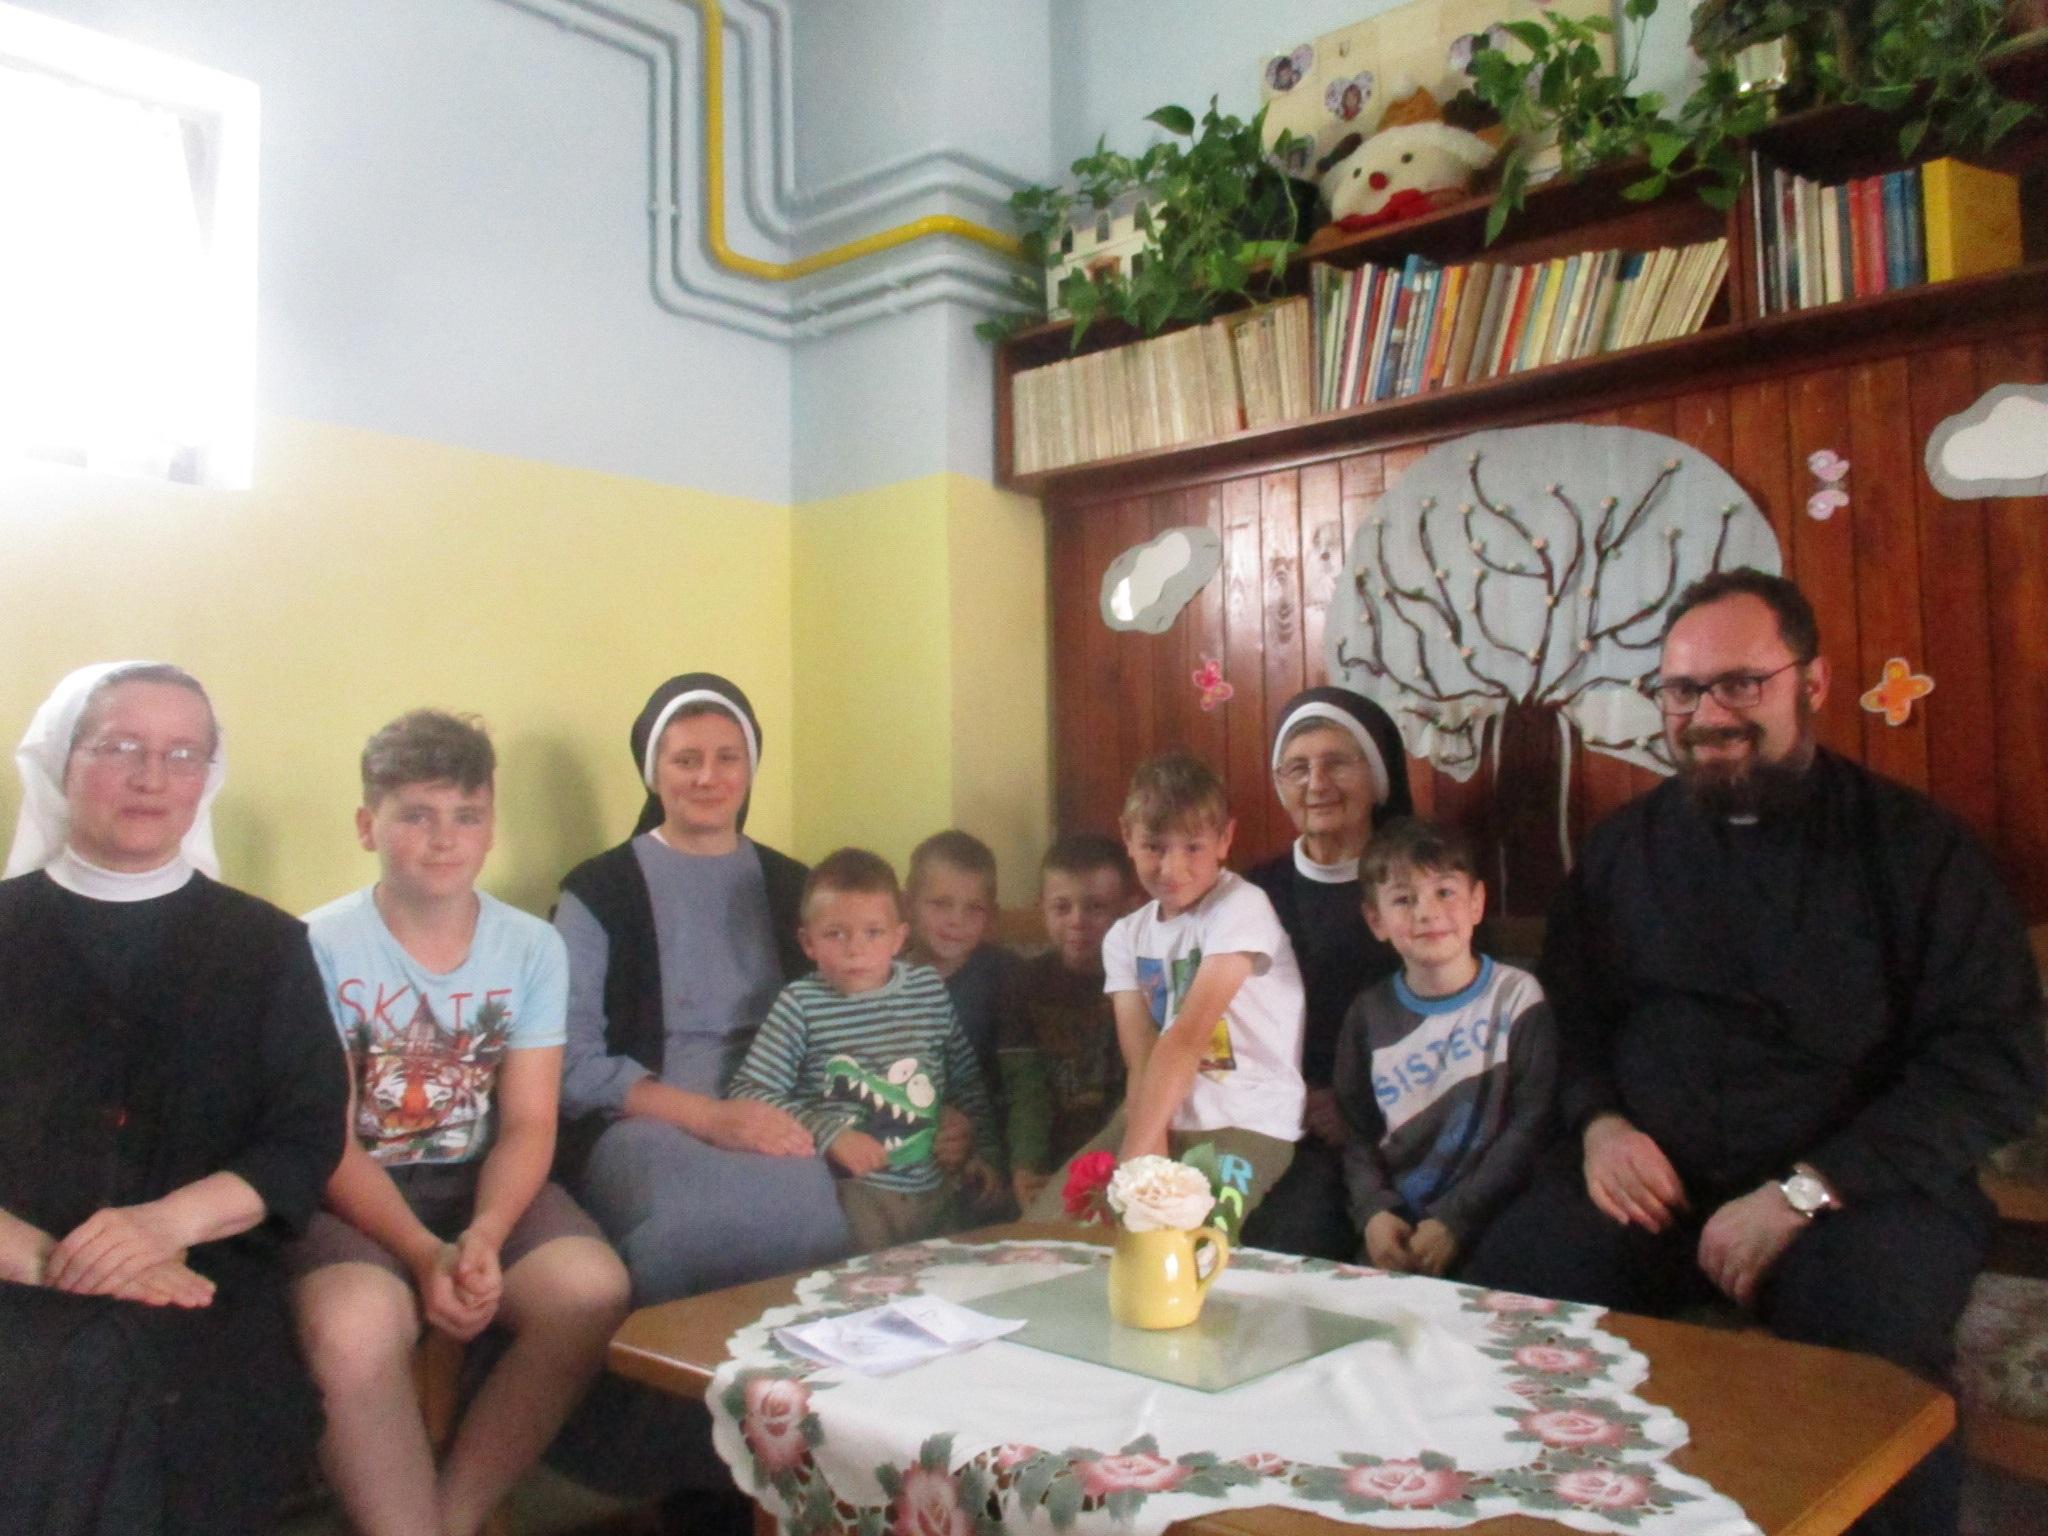 Ordinarij Križevačke eparhije posjetio dom za djecu kojim upravljaju časne sestre Bazilijanke